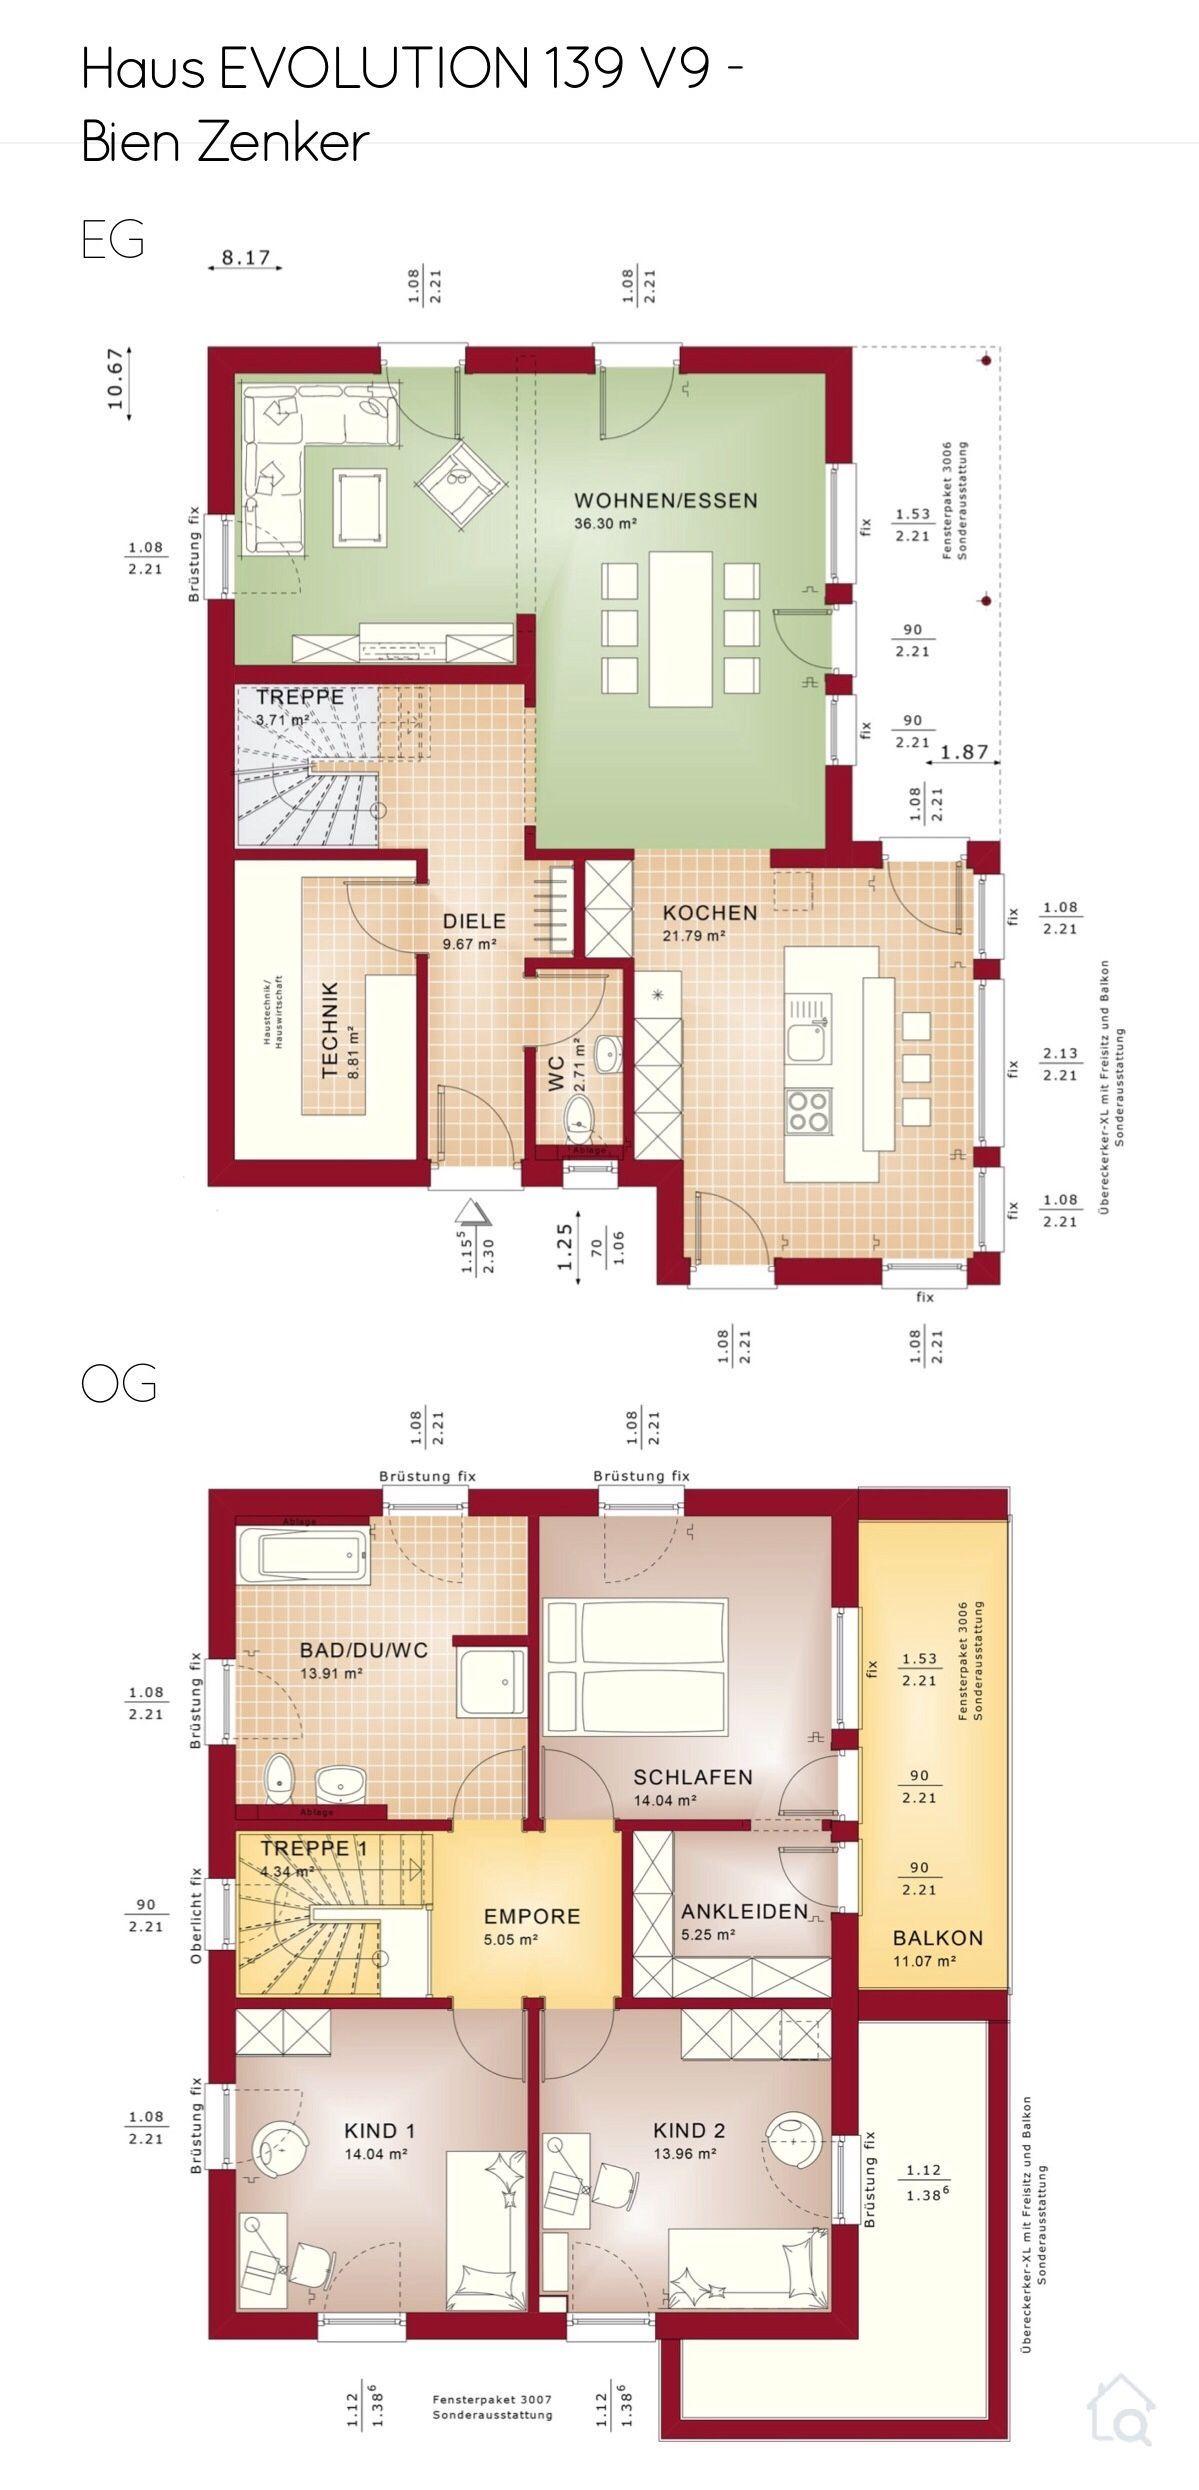 Grundriss Einfamilienhaus Stadtvilla modern mit Flachdach